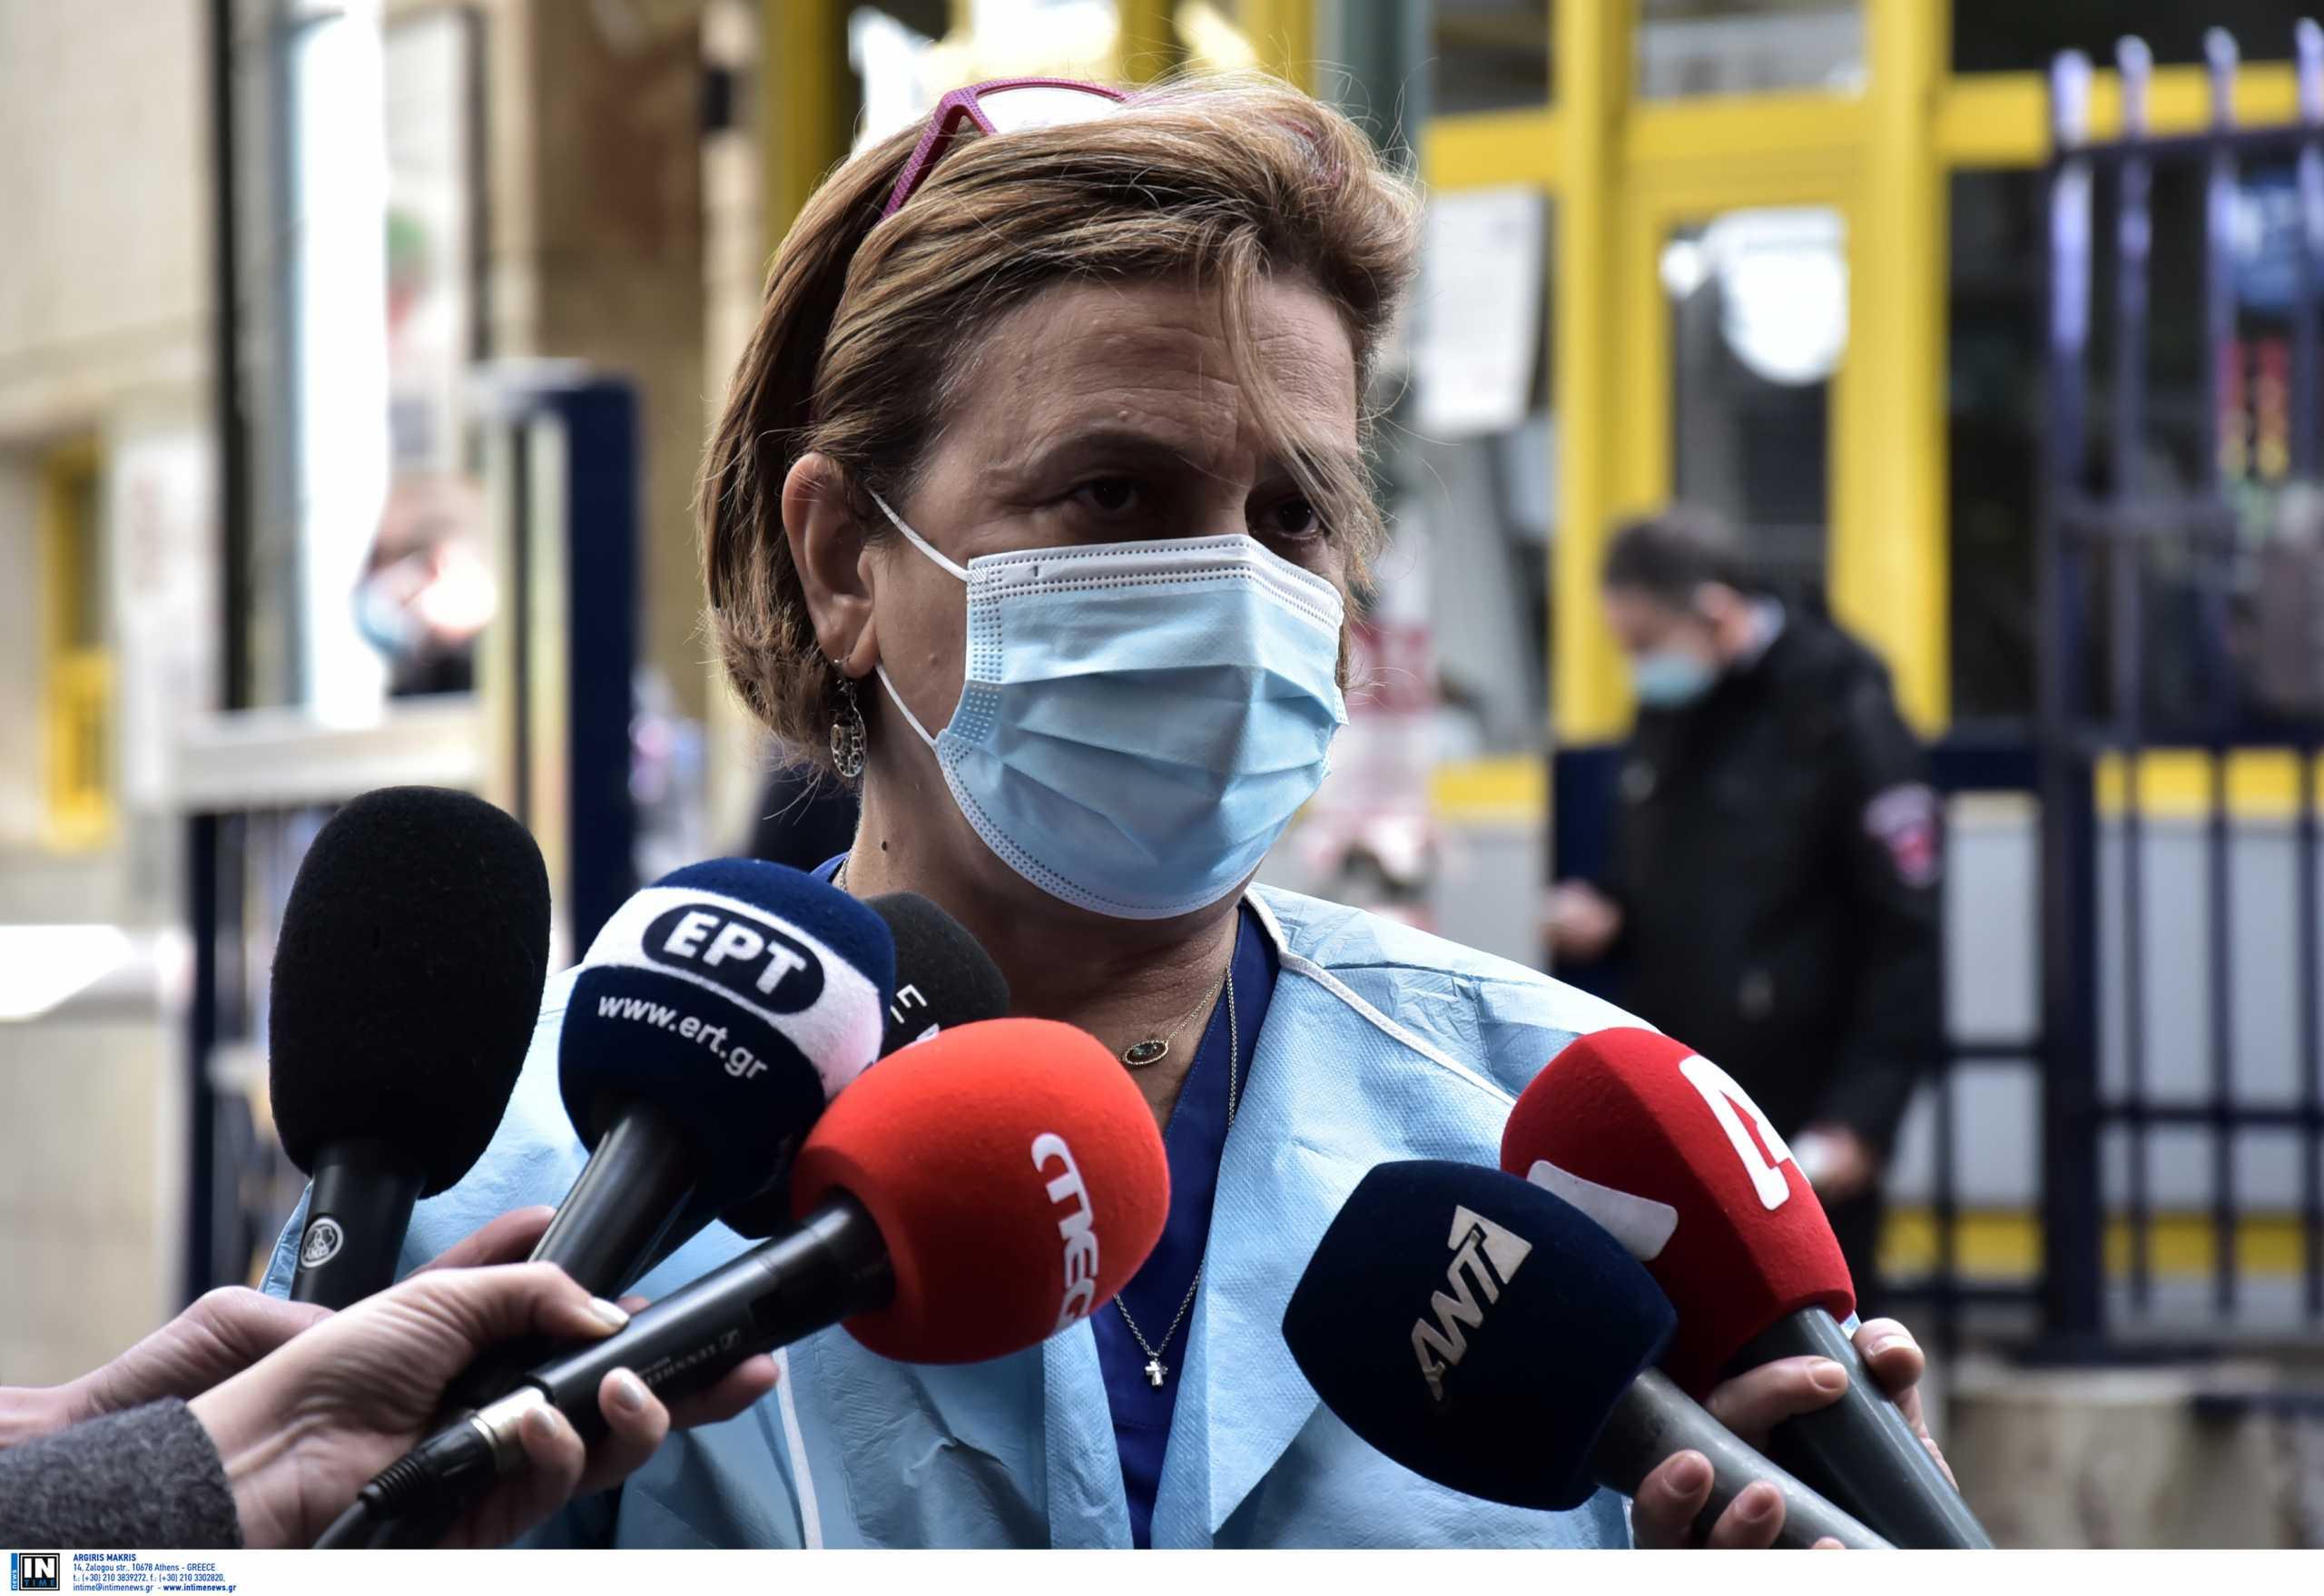 Αναστασία Κοτανίδου: Αντιδράσεις μετά τις «βόμβες» για τη λειτουργία της επιτροπής – «Ή το διορθώνεις ή παραιτείσαι» (vids)